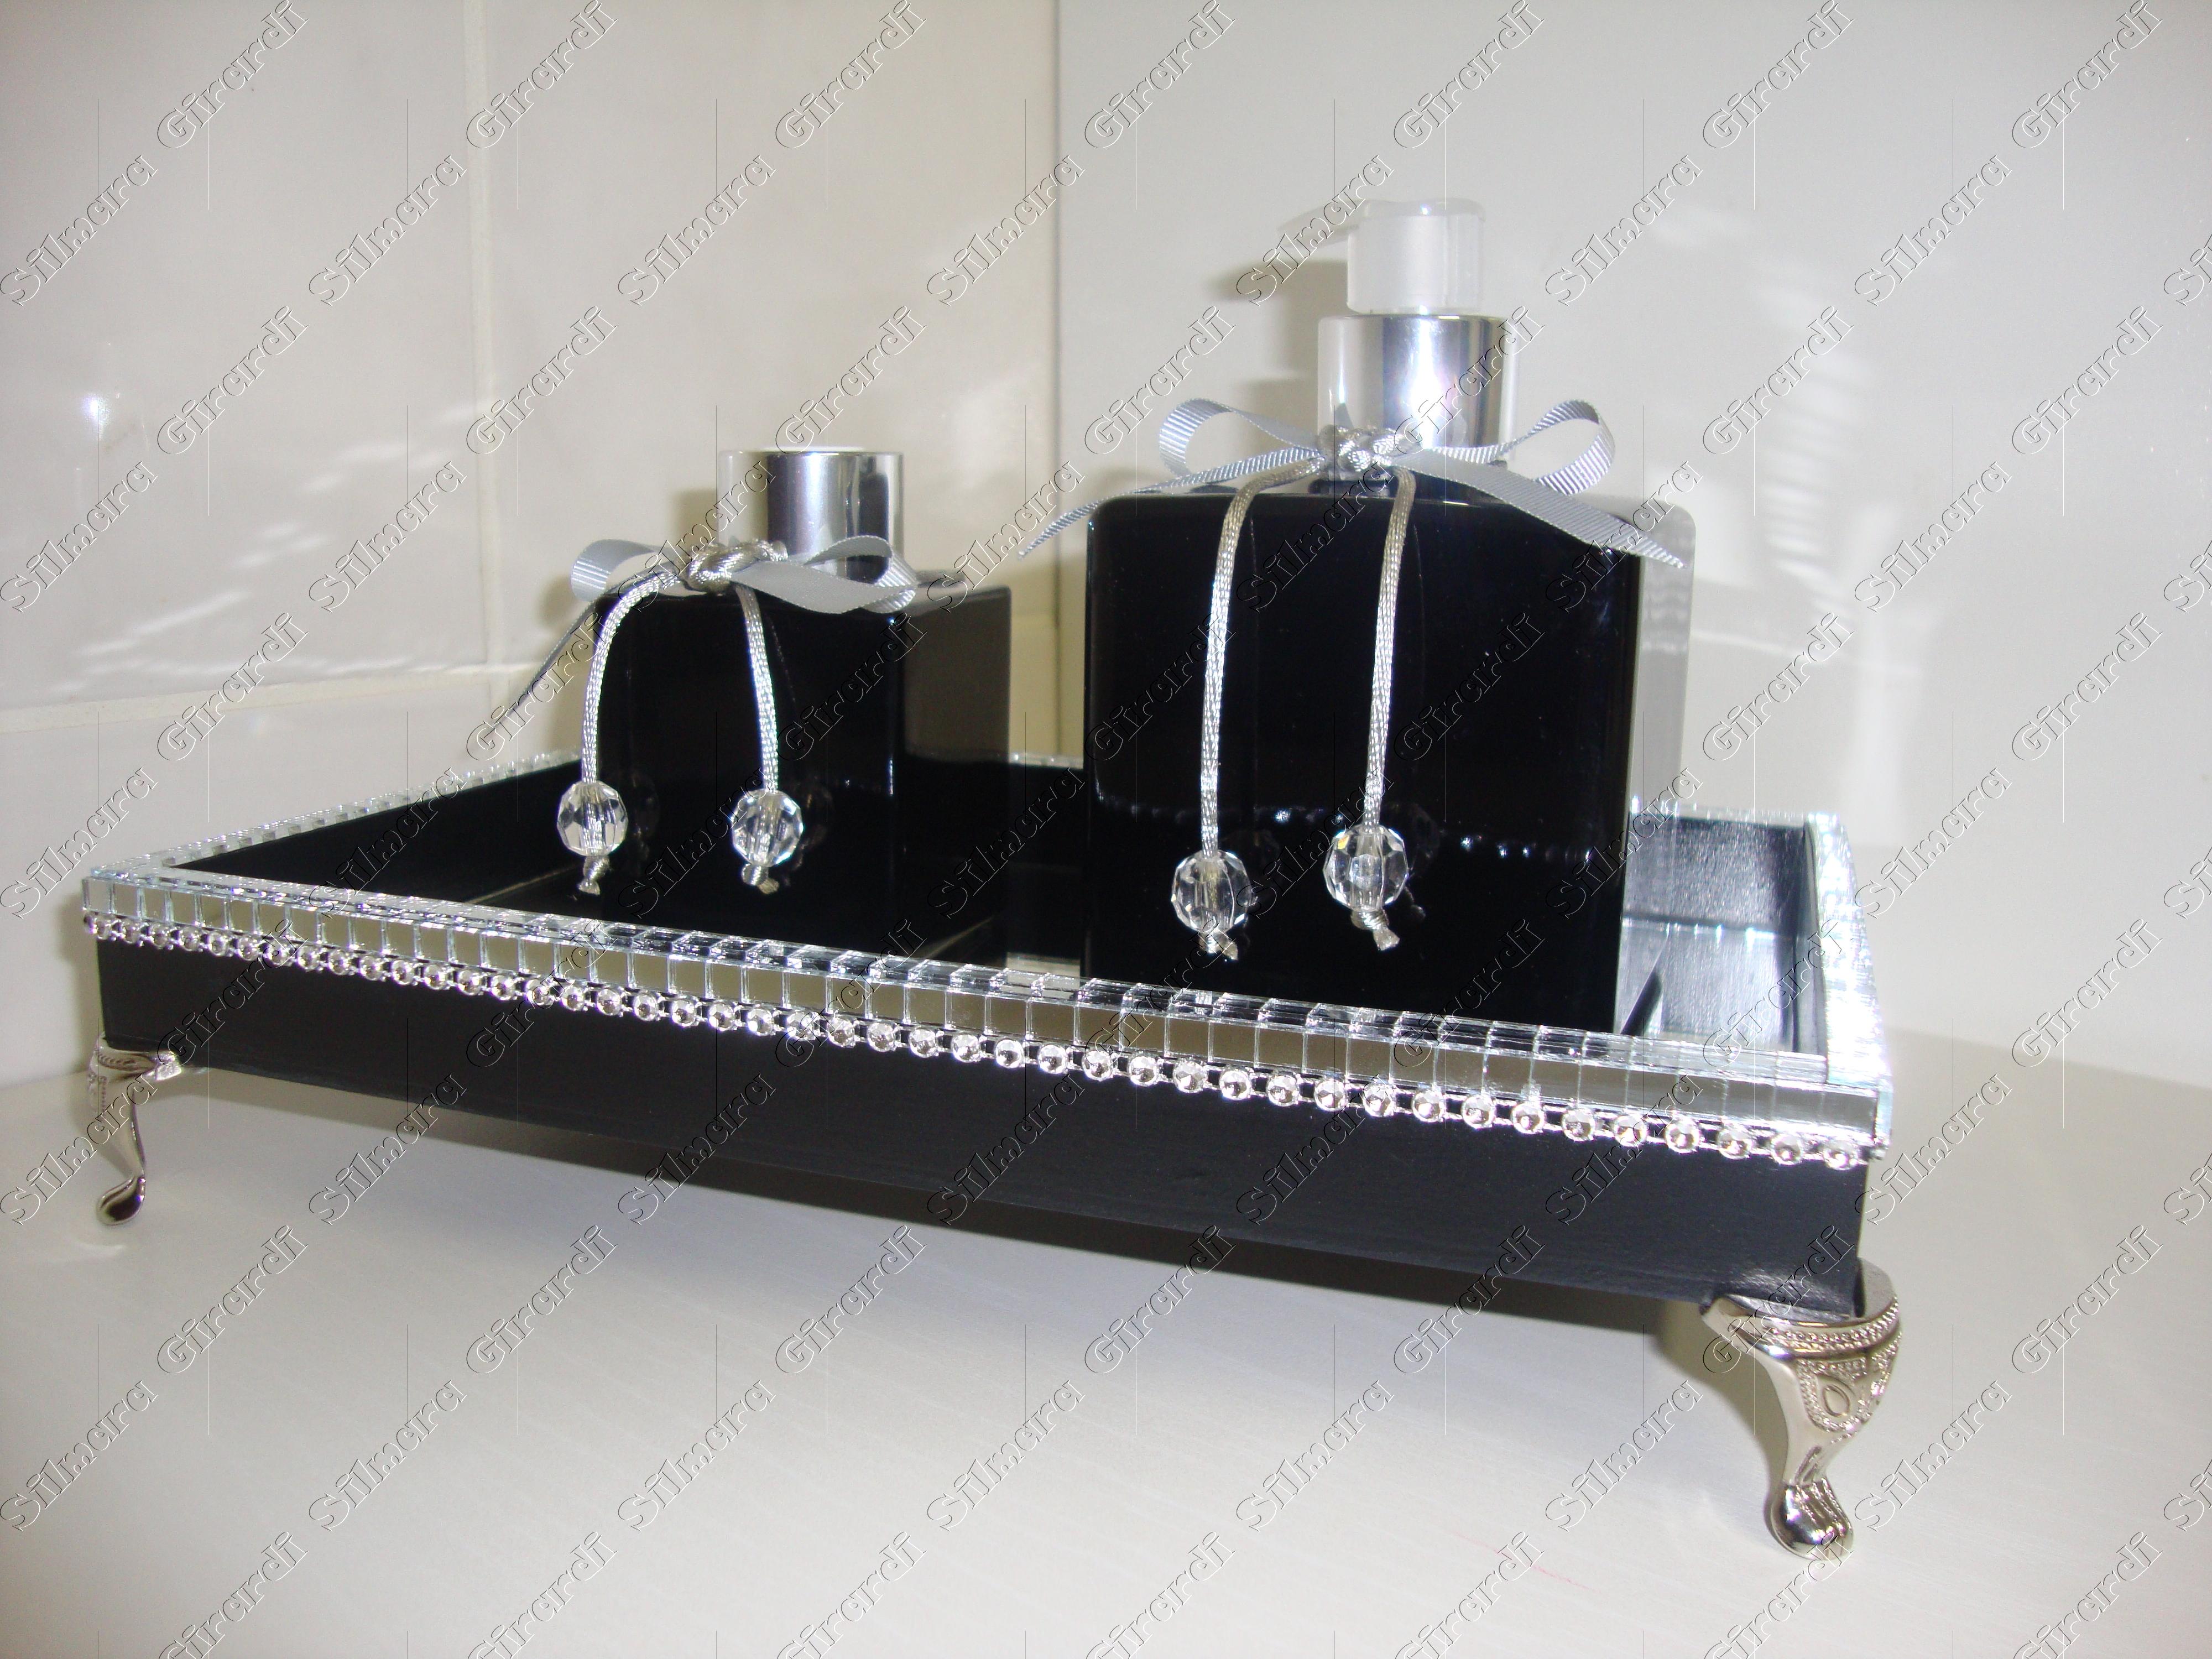 140 00 kit para lavabo r $ 85 00 kit para lavabo ou banheiro r $  #5B5140 4000 3000